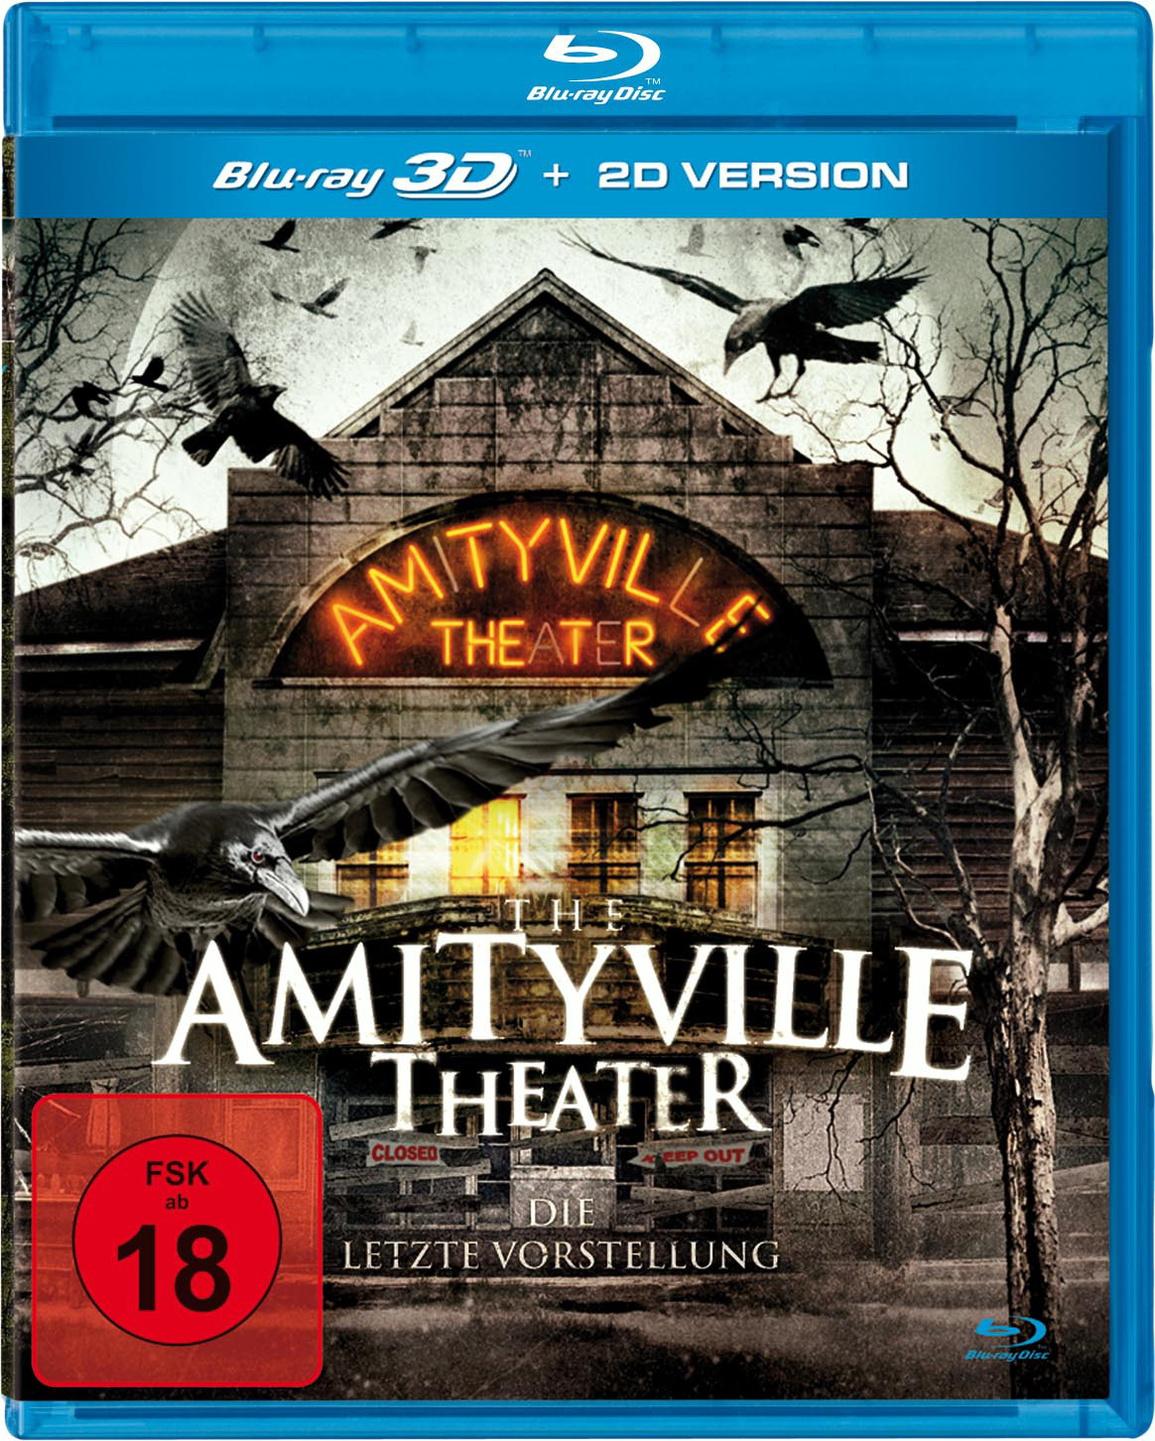 Amityville Theater - Die letzte Vorstellung [3D]